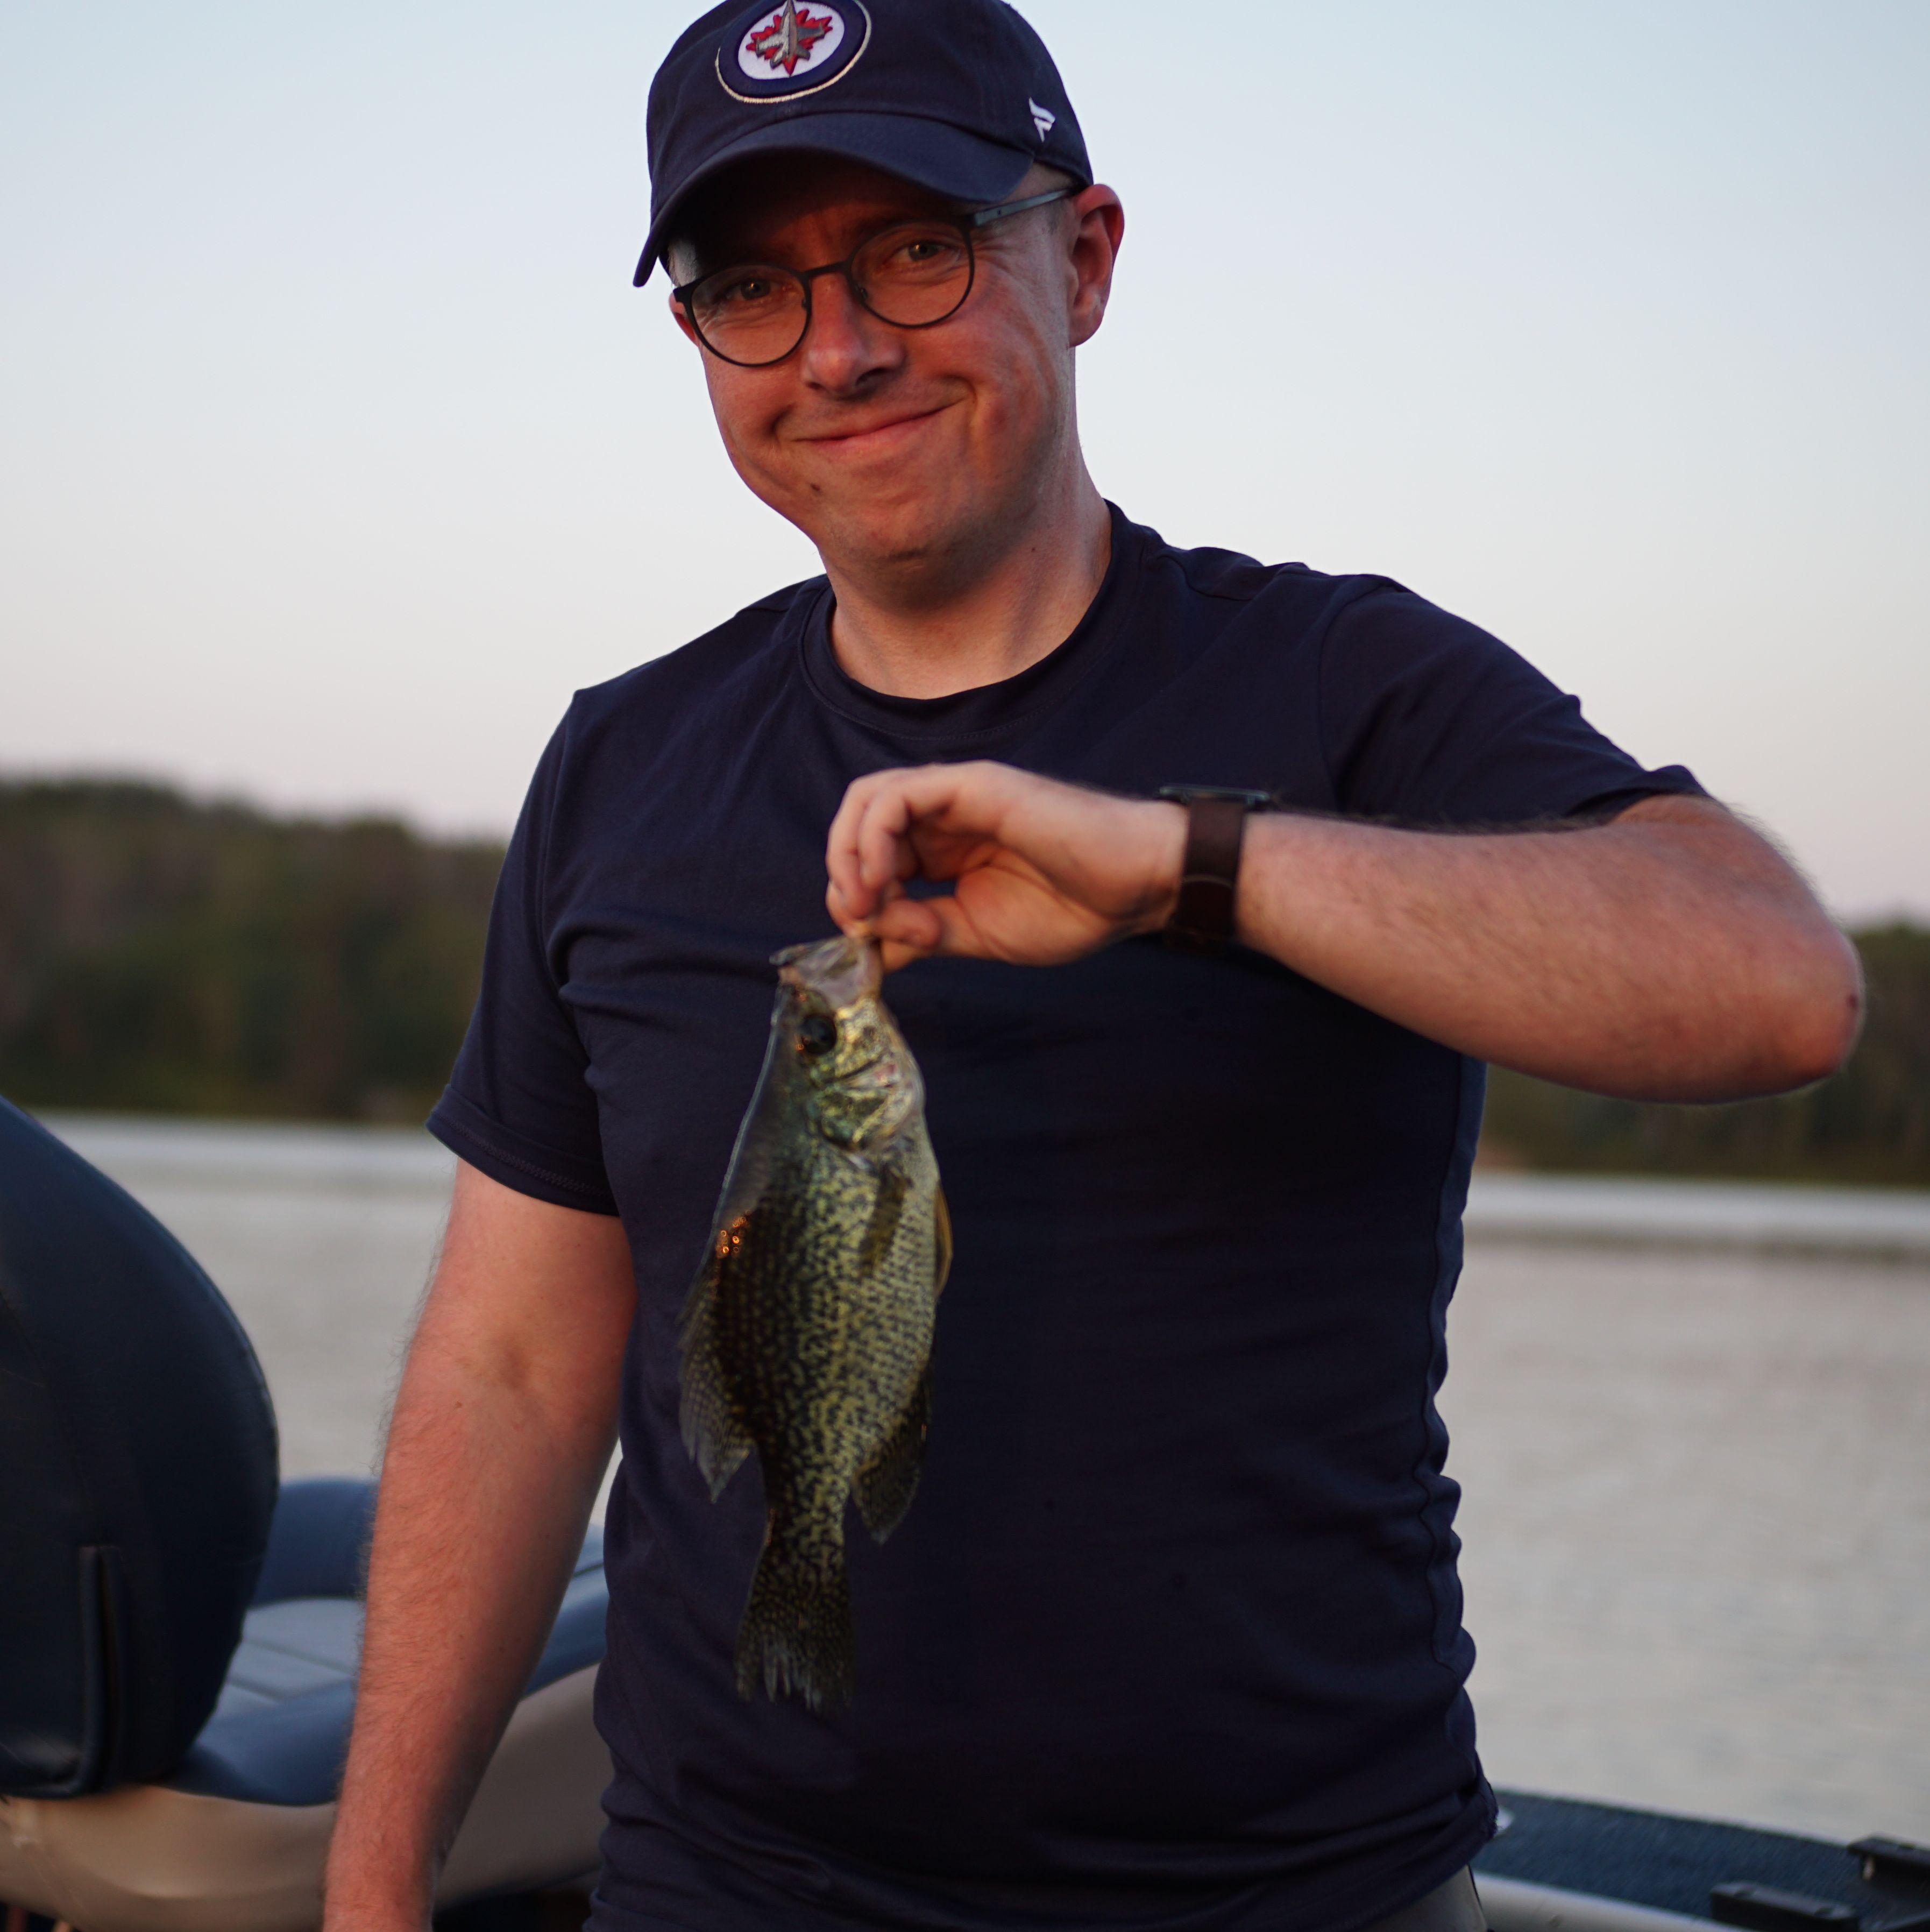 Mitarbeiter Michael Nowicki beim Angelausflug am Caddy Lake in Manitoba